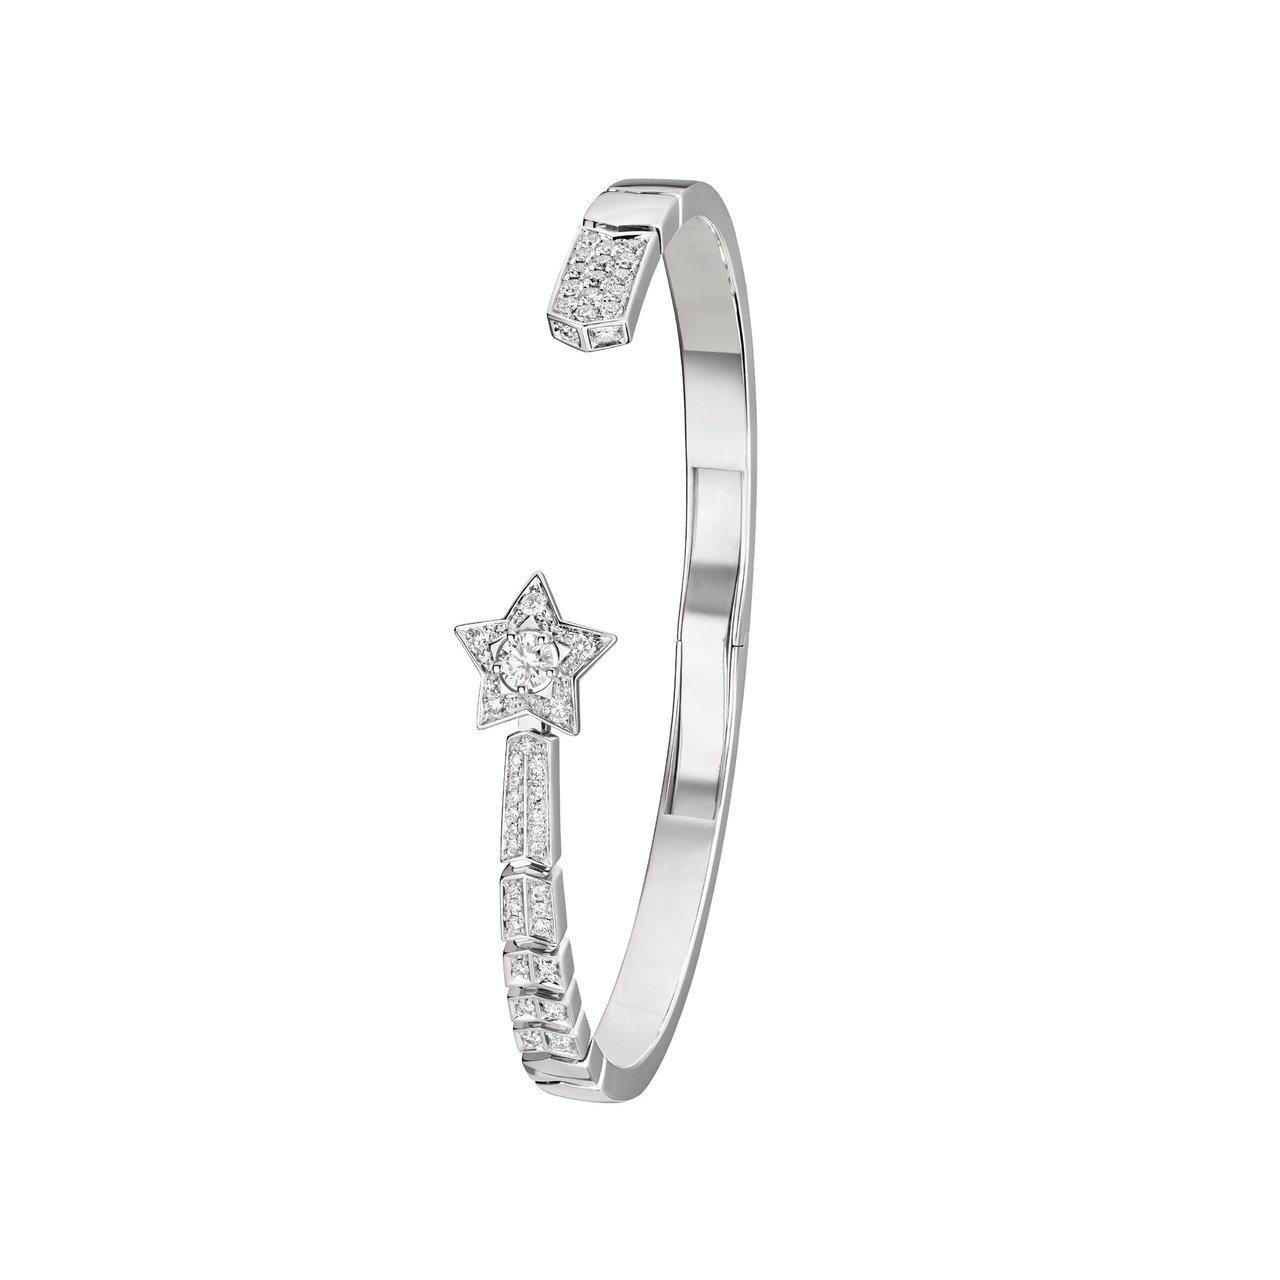 香奈兒Comète流星開放式手鐲,18K白金鑲嵌一顆0.15克拉鑽石及48顆鑽石...